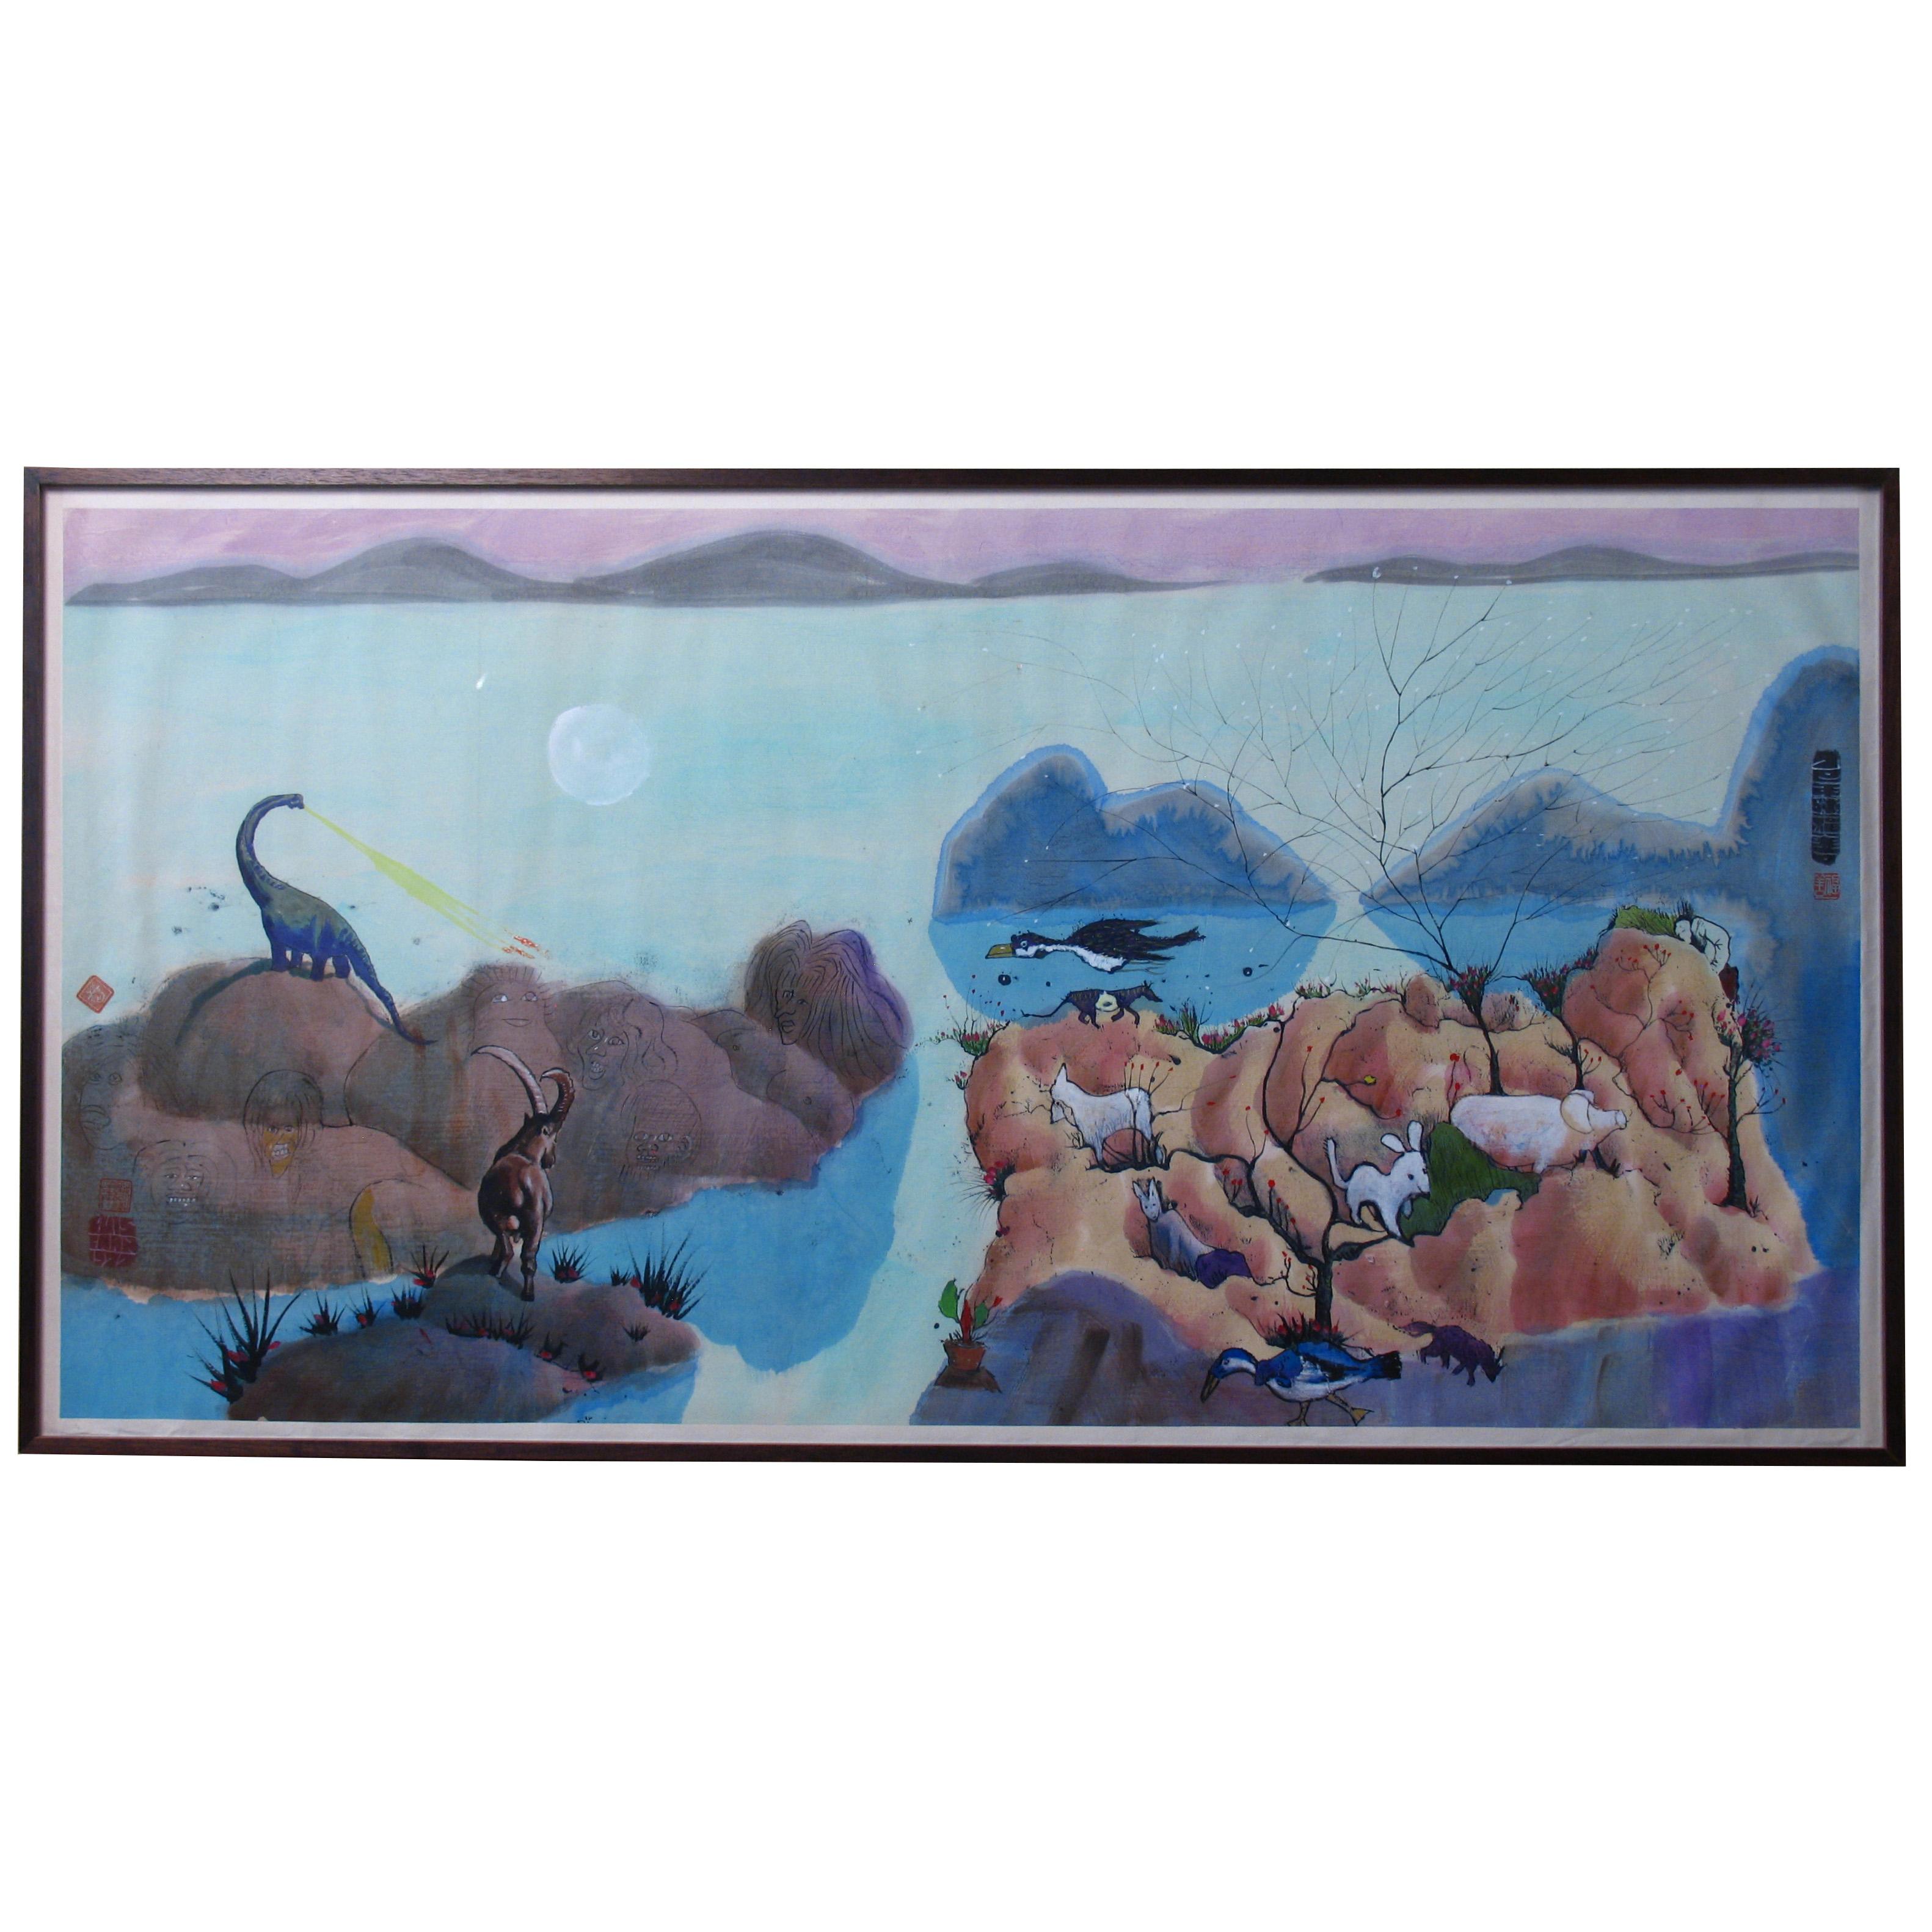 CY93306: Luis Chan Watercolour